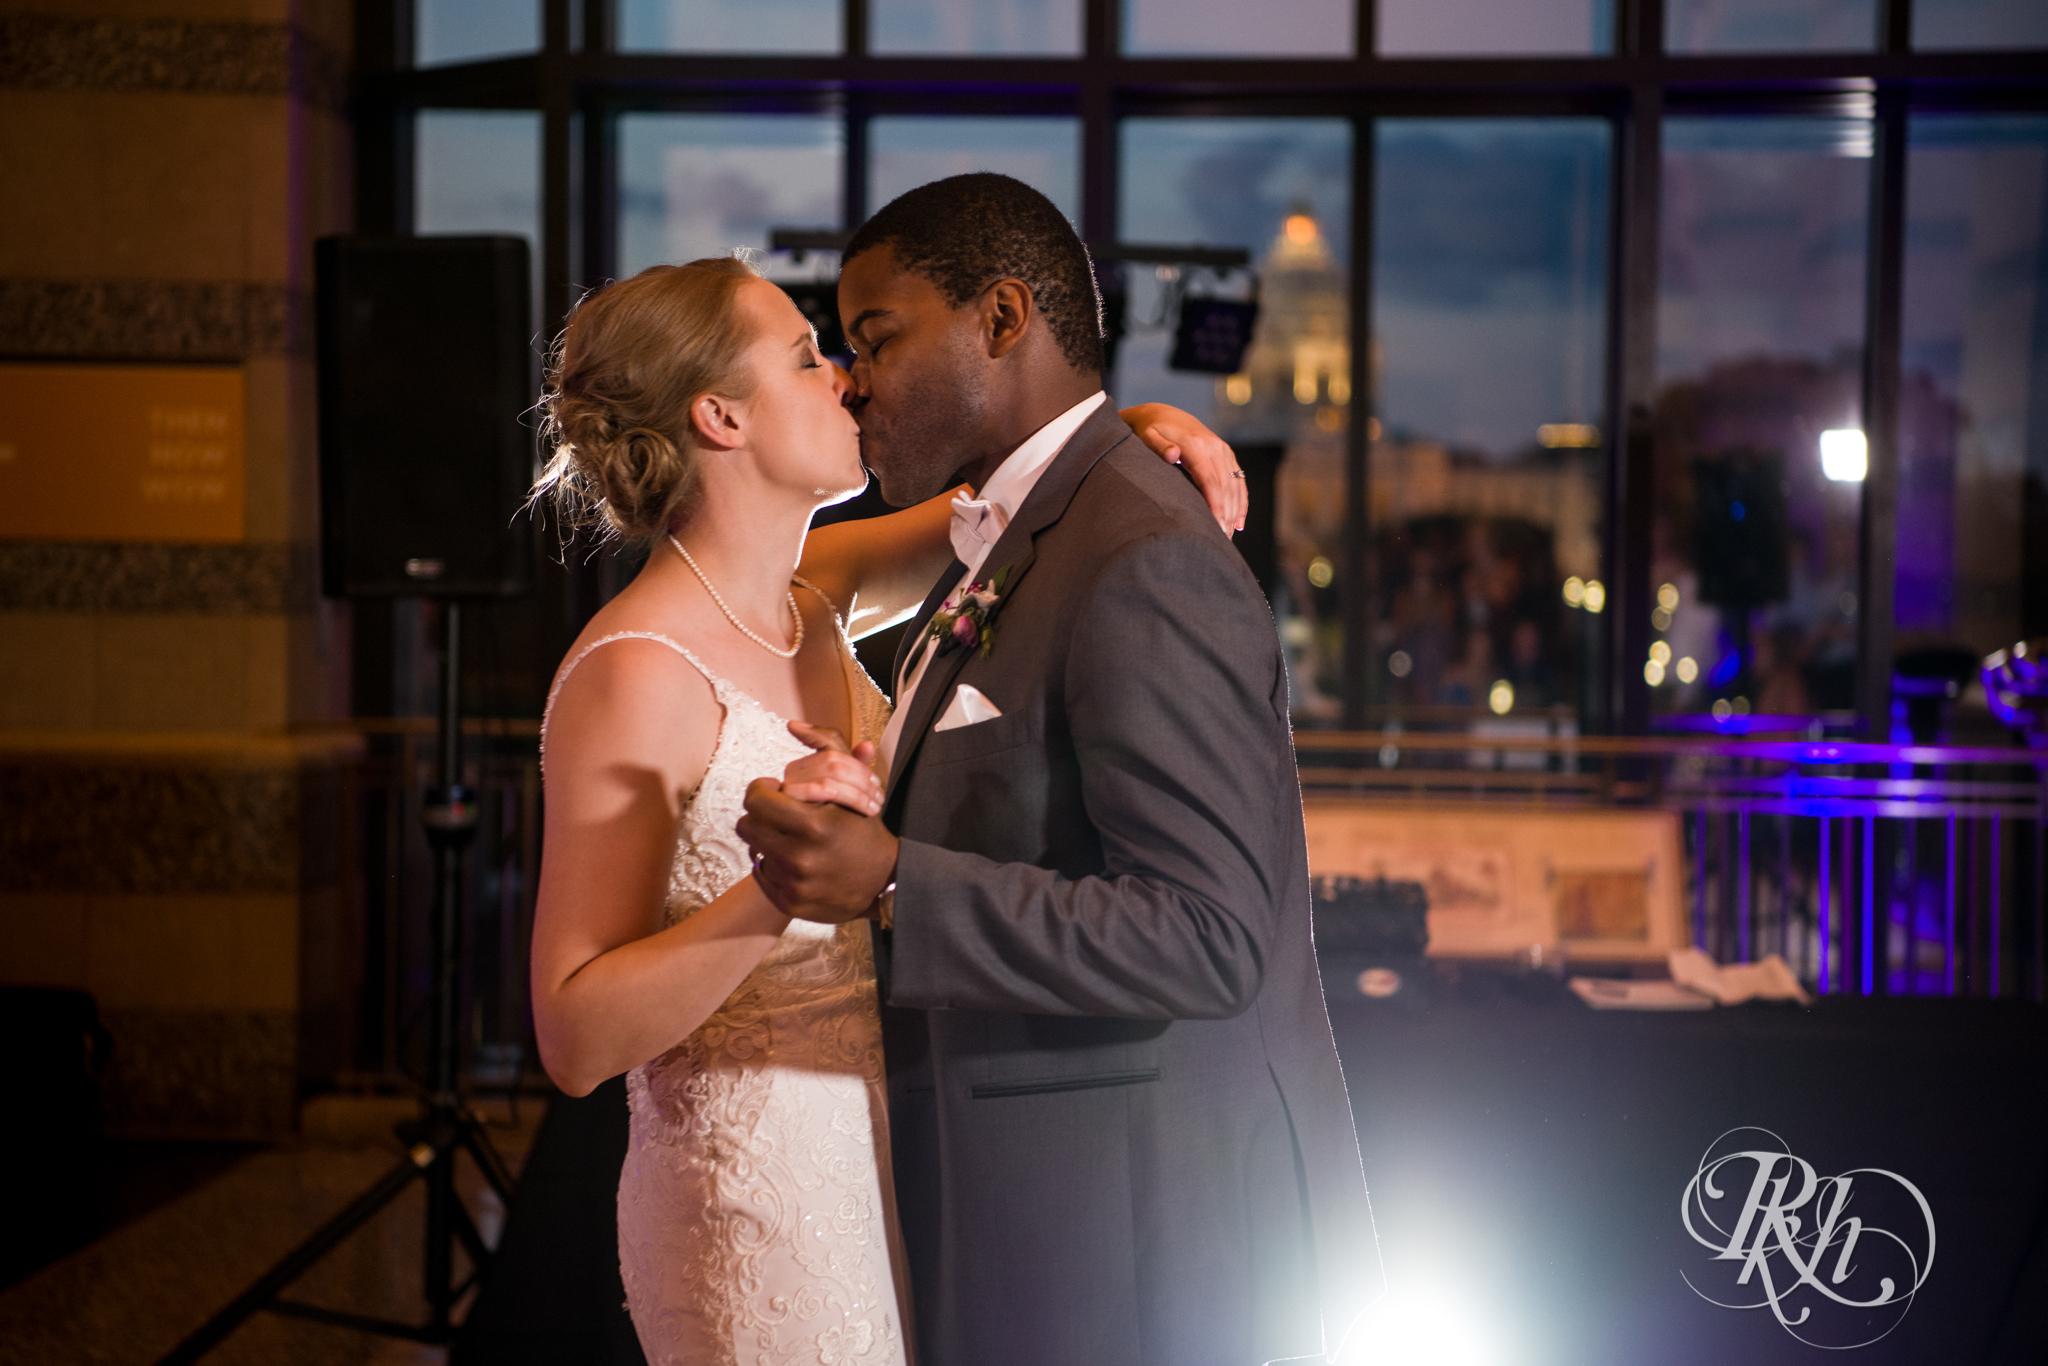 Laura and Adekunle - Minnesota Wedding Photographer - Minnesota History Center - RKH Images - Blog (70 of 75).jpg